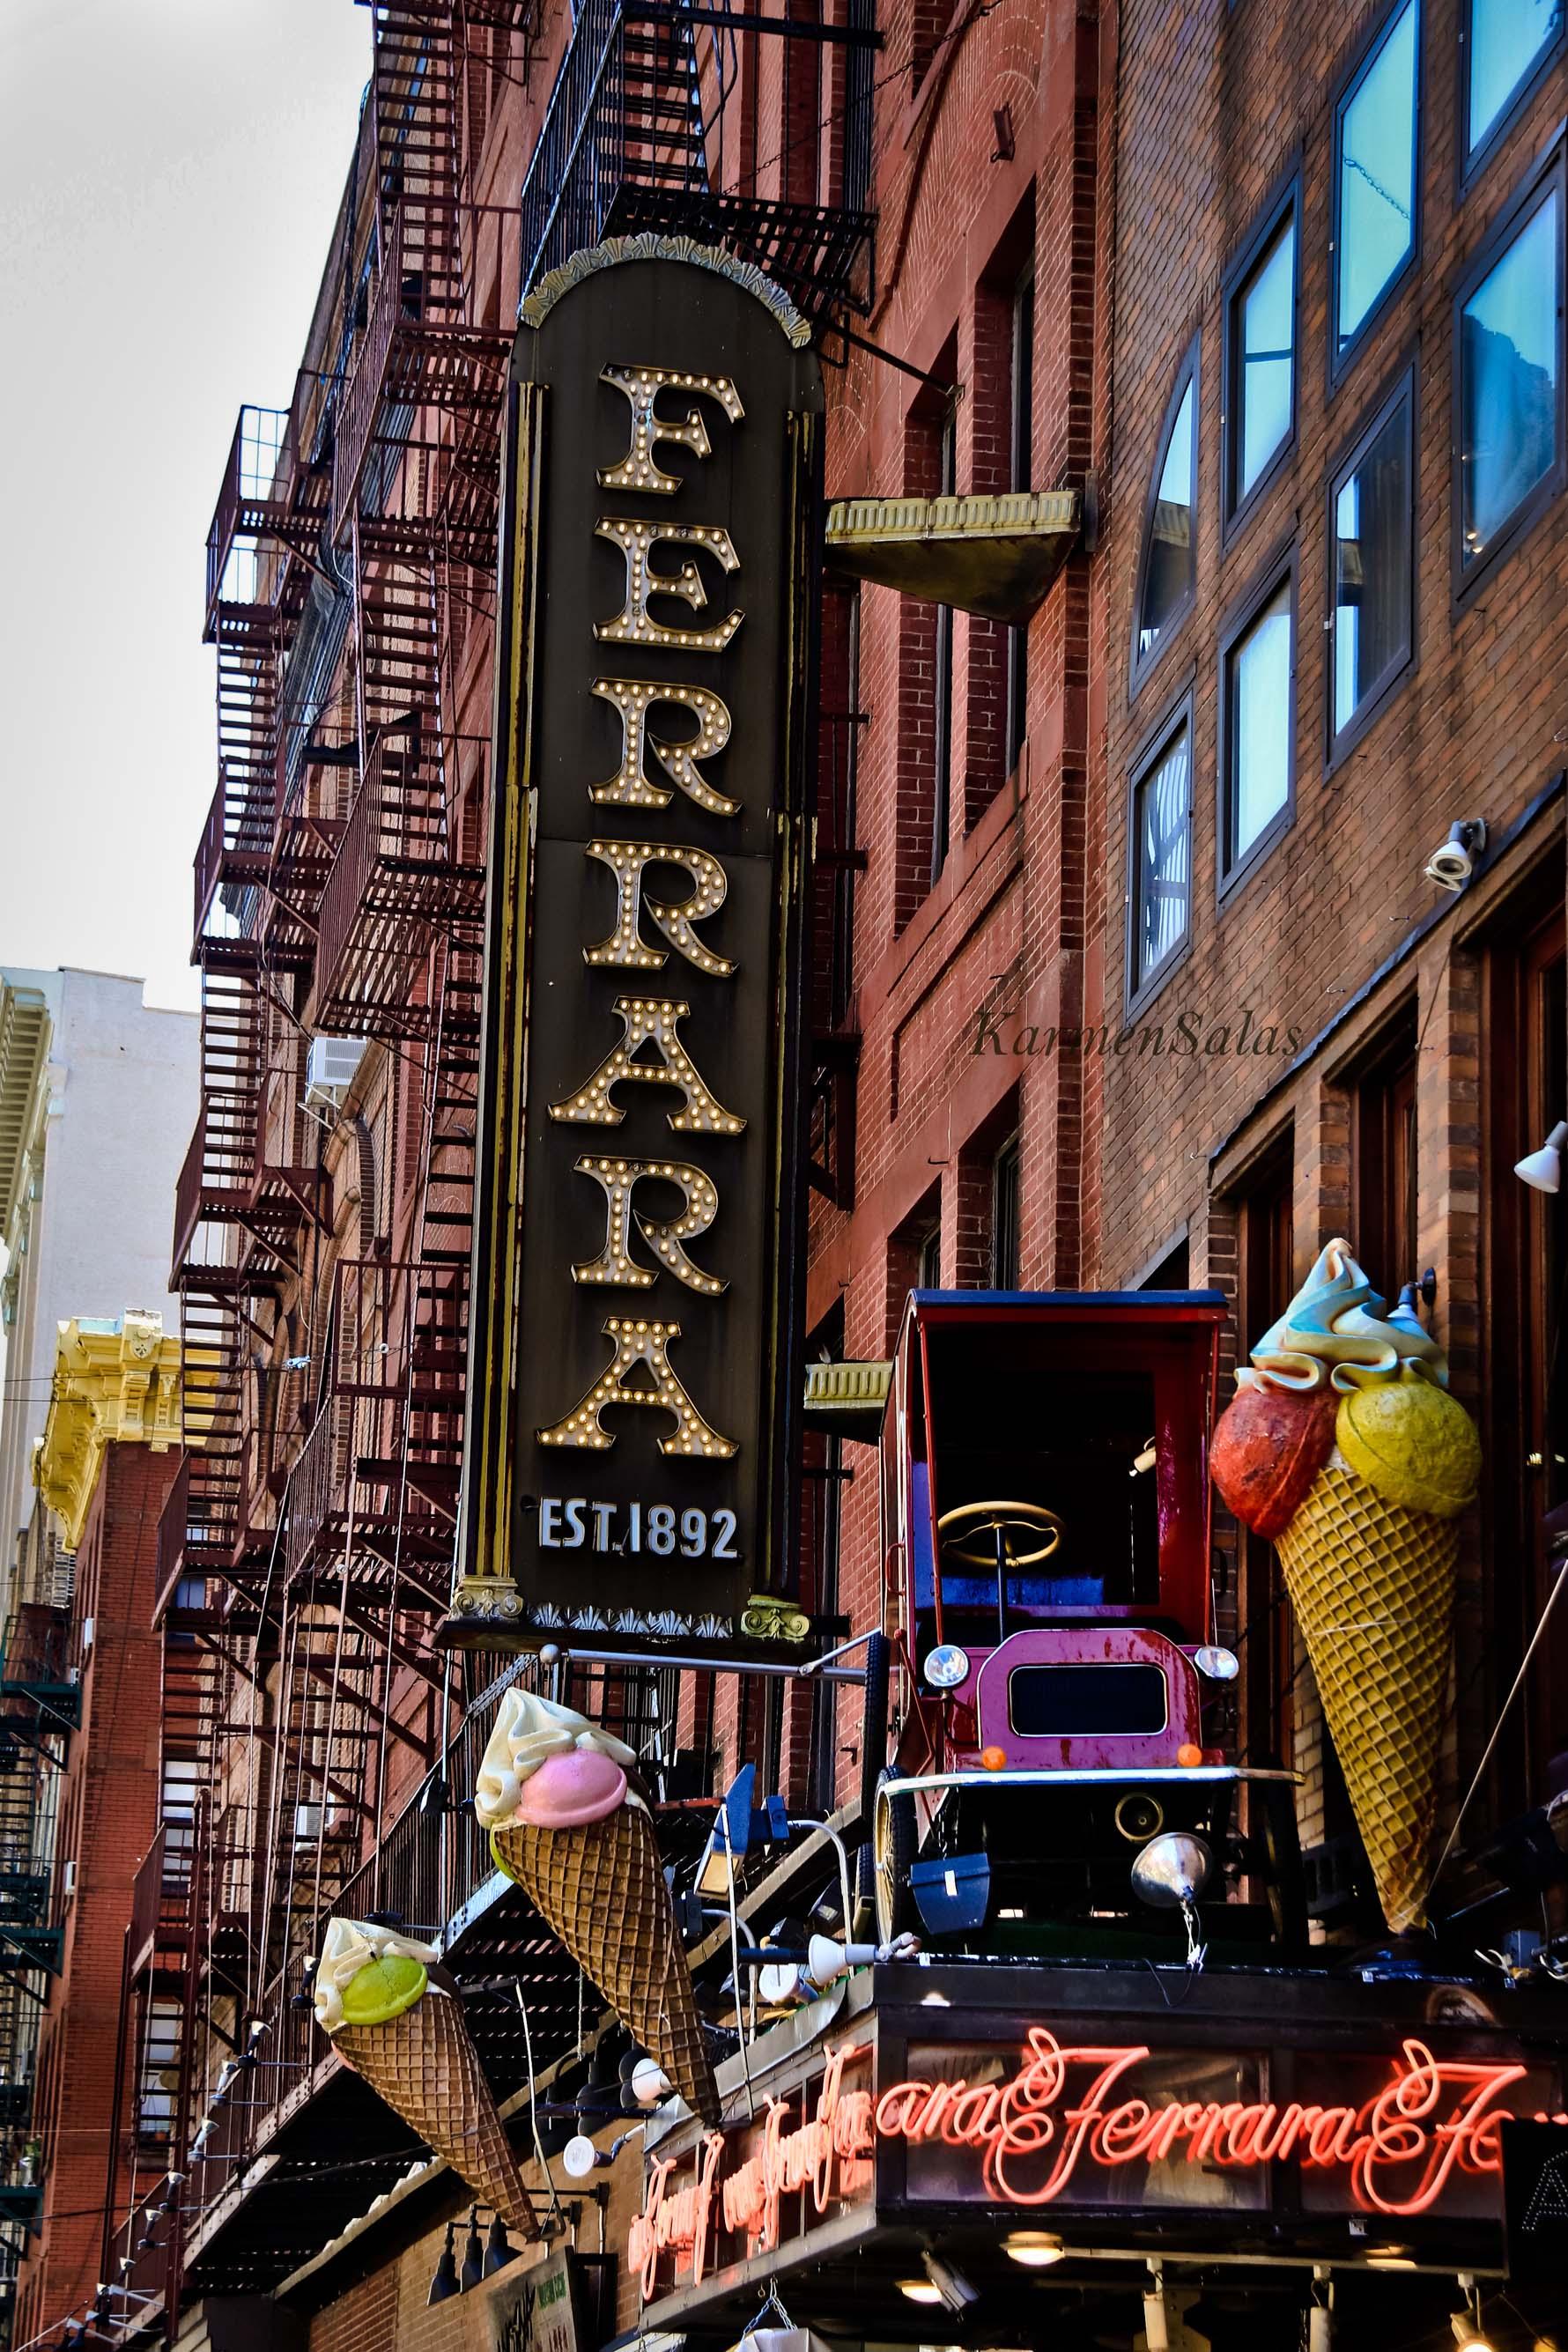 Pastelería, heladería Ferrara